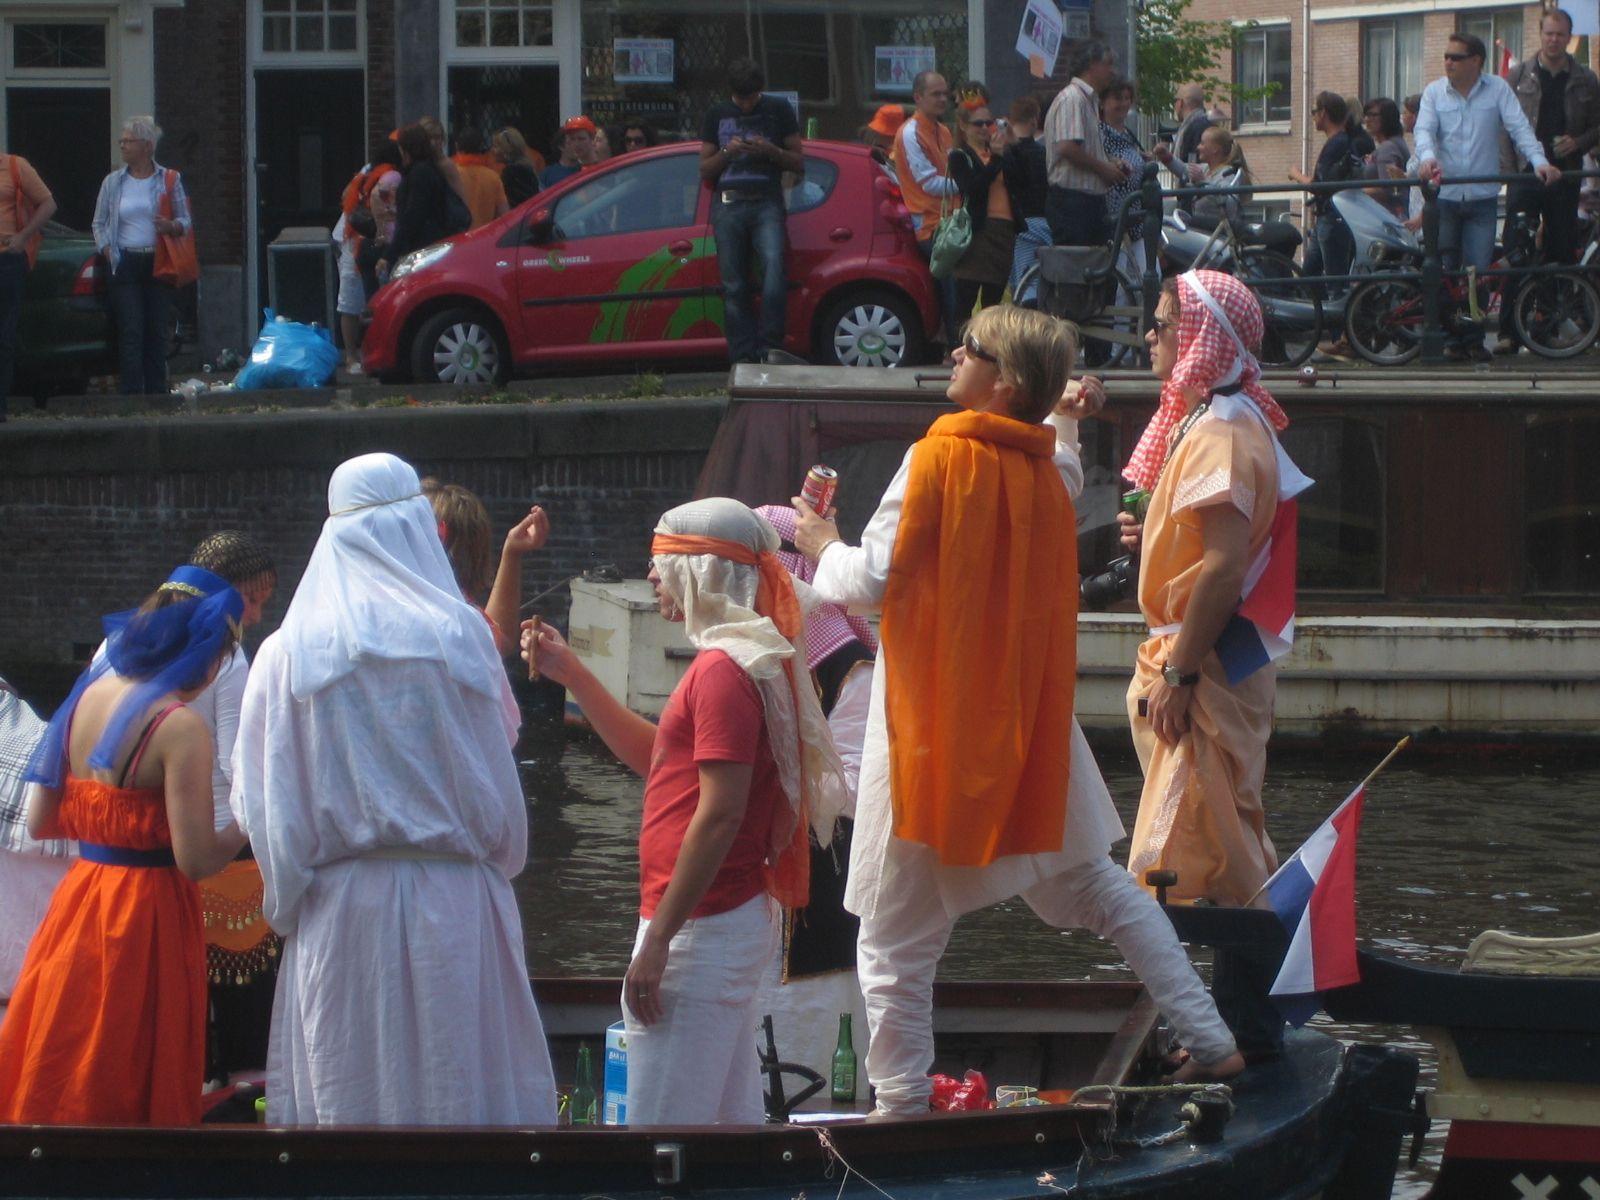 Koningsdag in Amsterdam